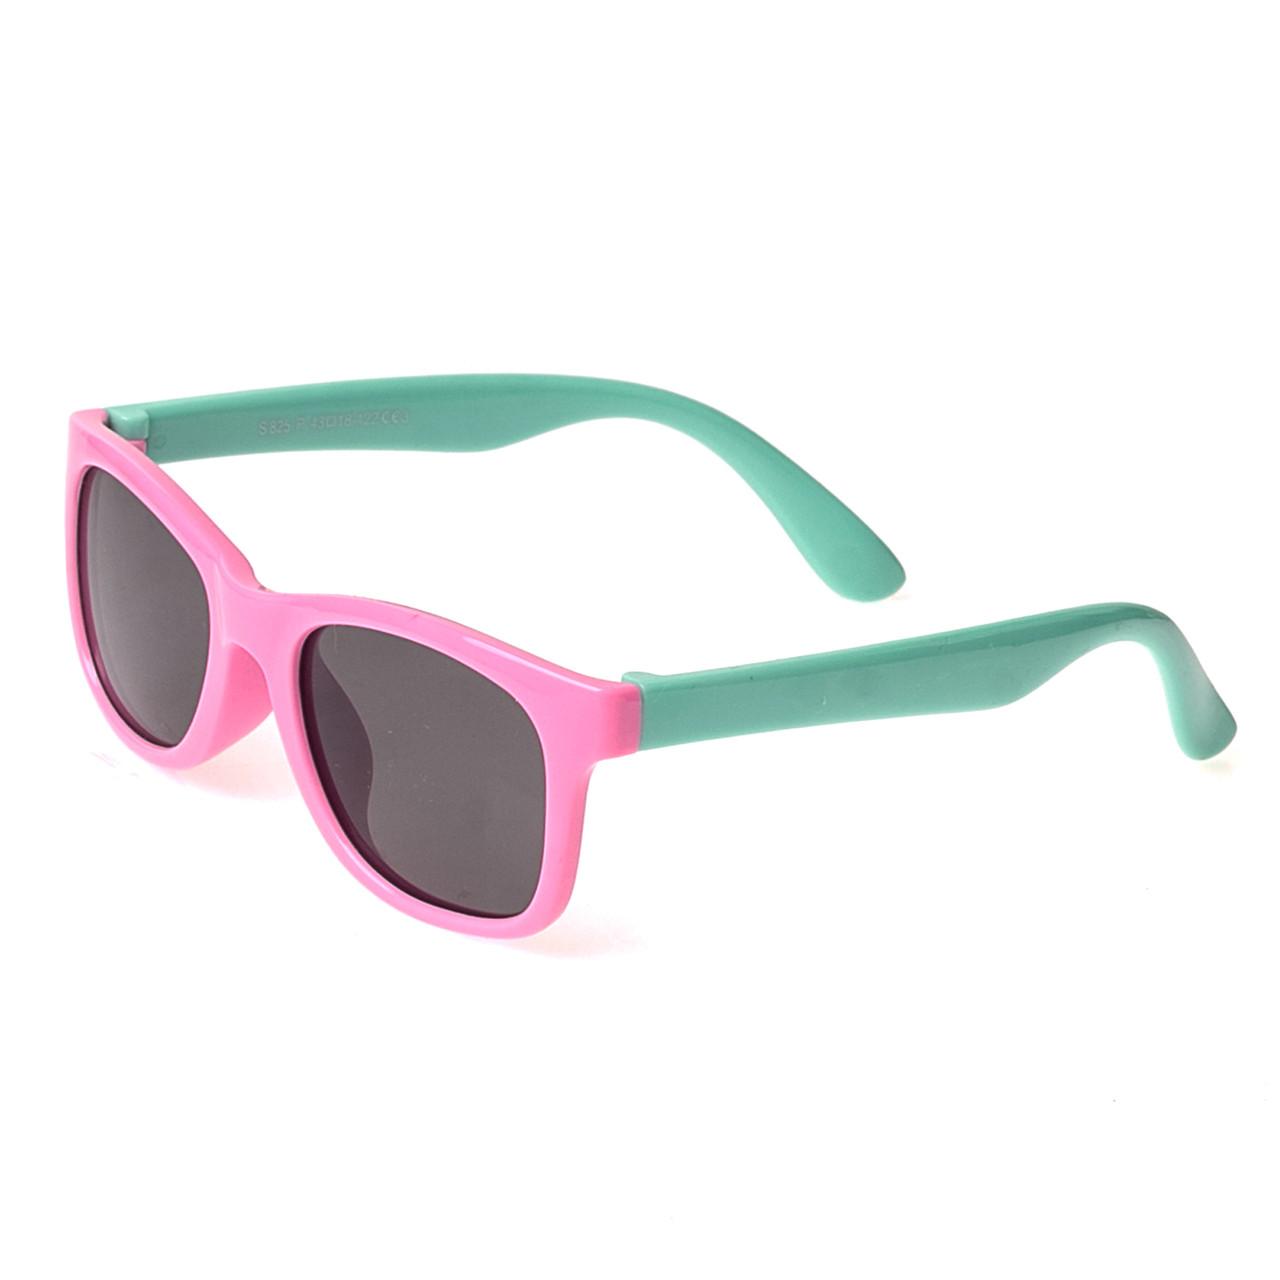 Солнцезащитные очки  Детские цвет Разноцветный   поляризационная линза ( S825P-03 )